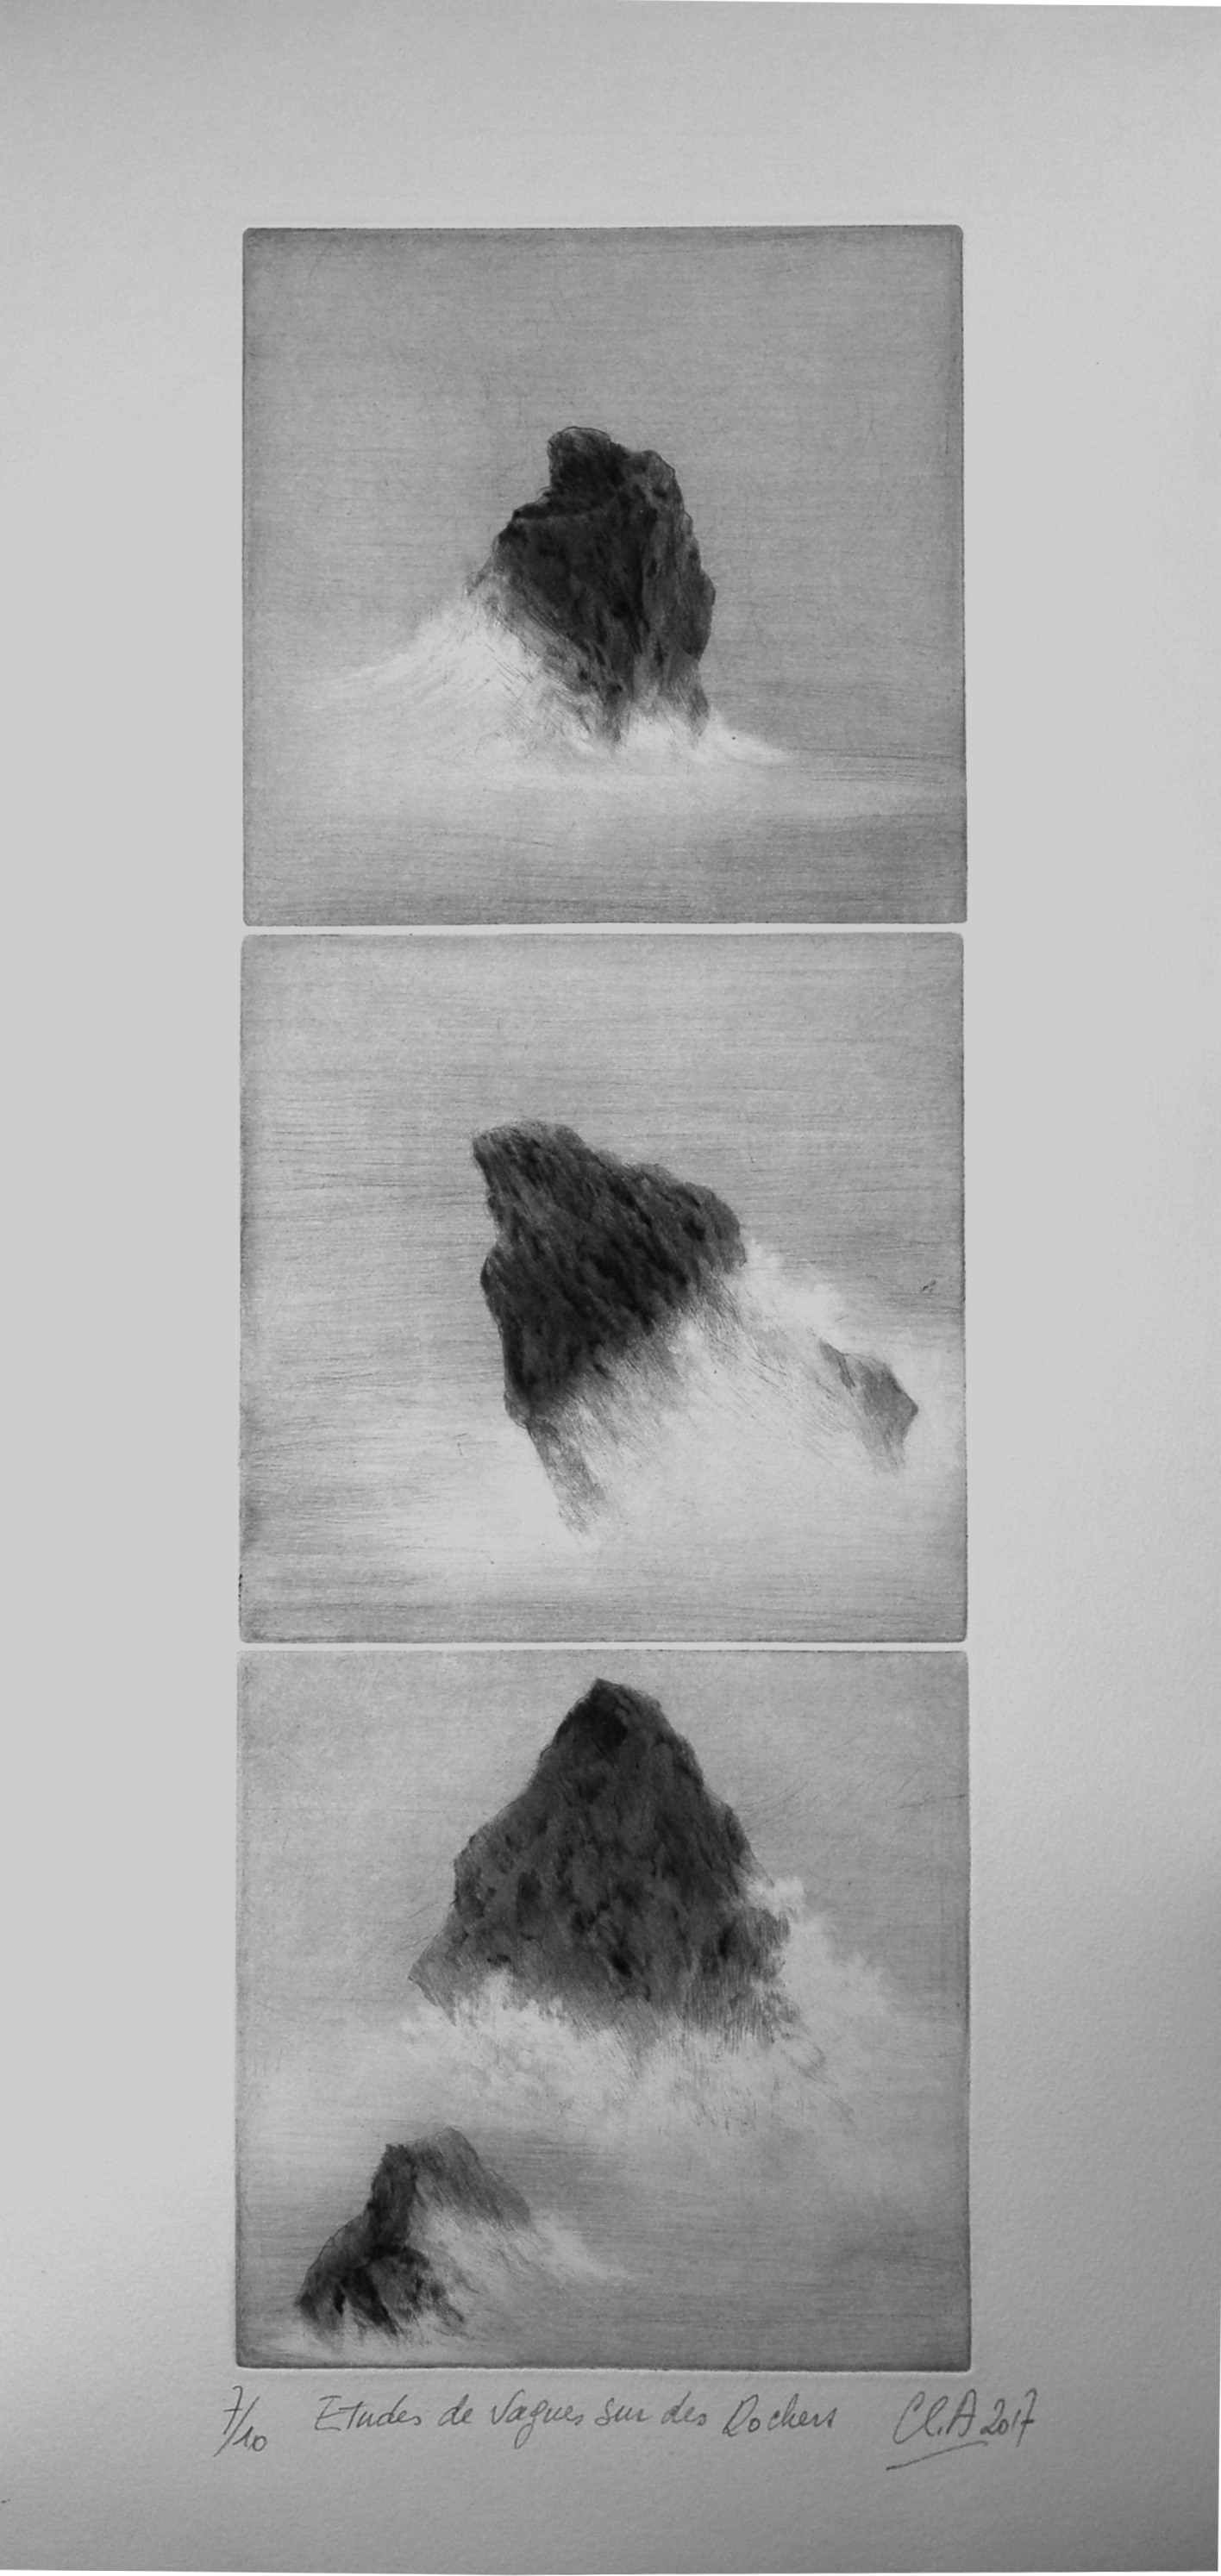 Etudes de vagues sur des rochers